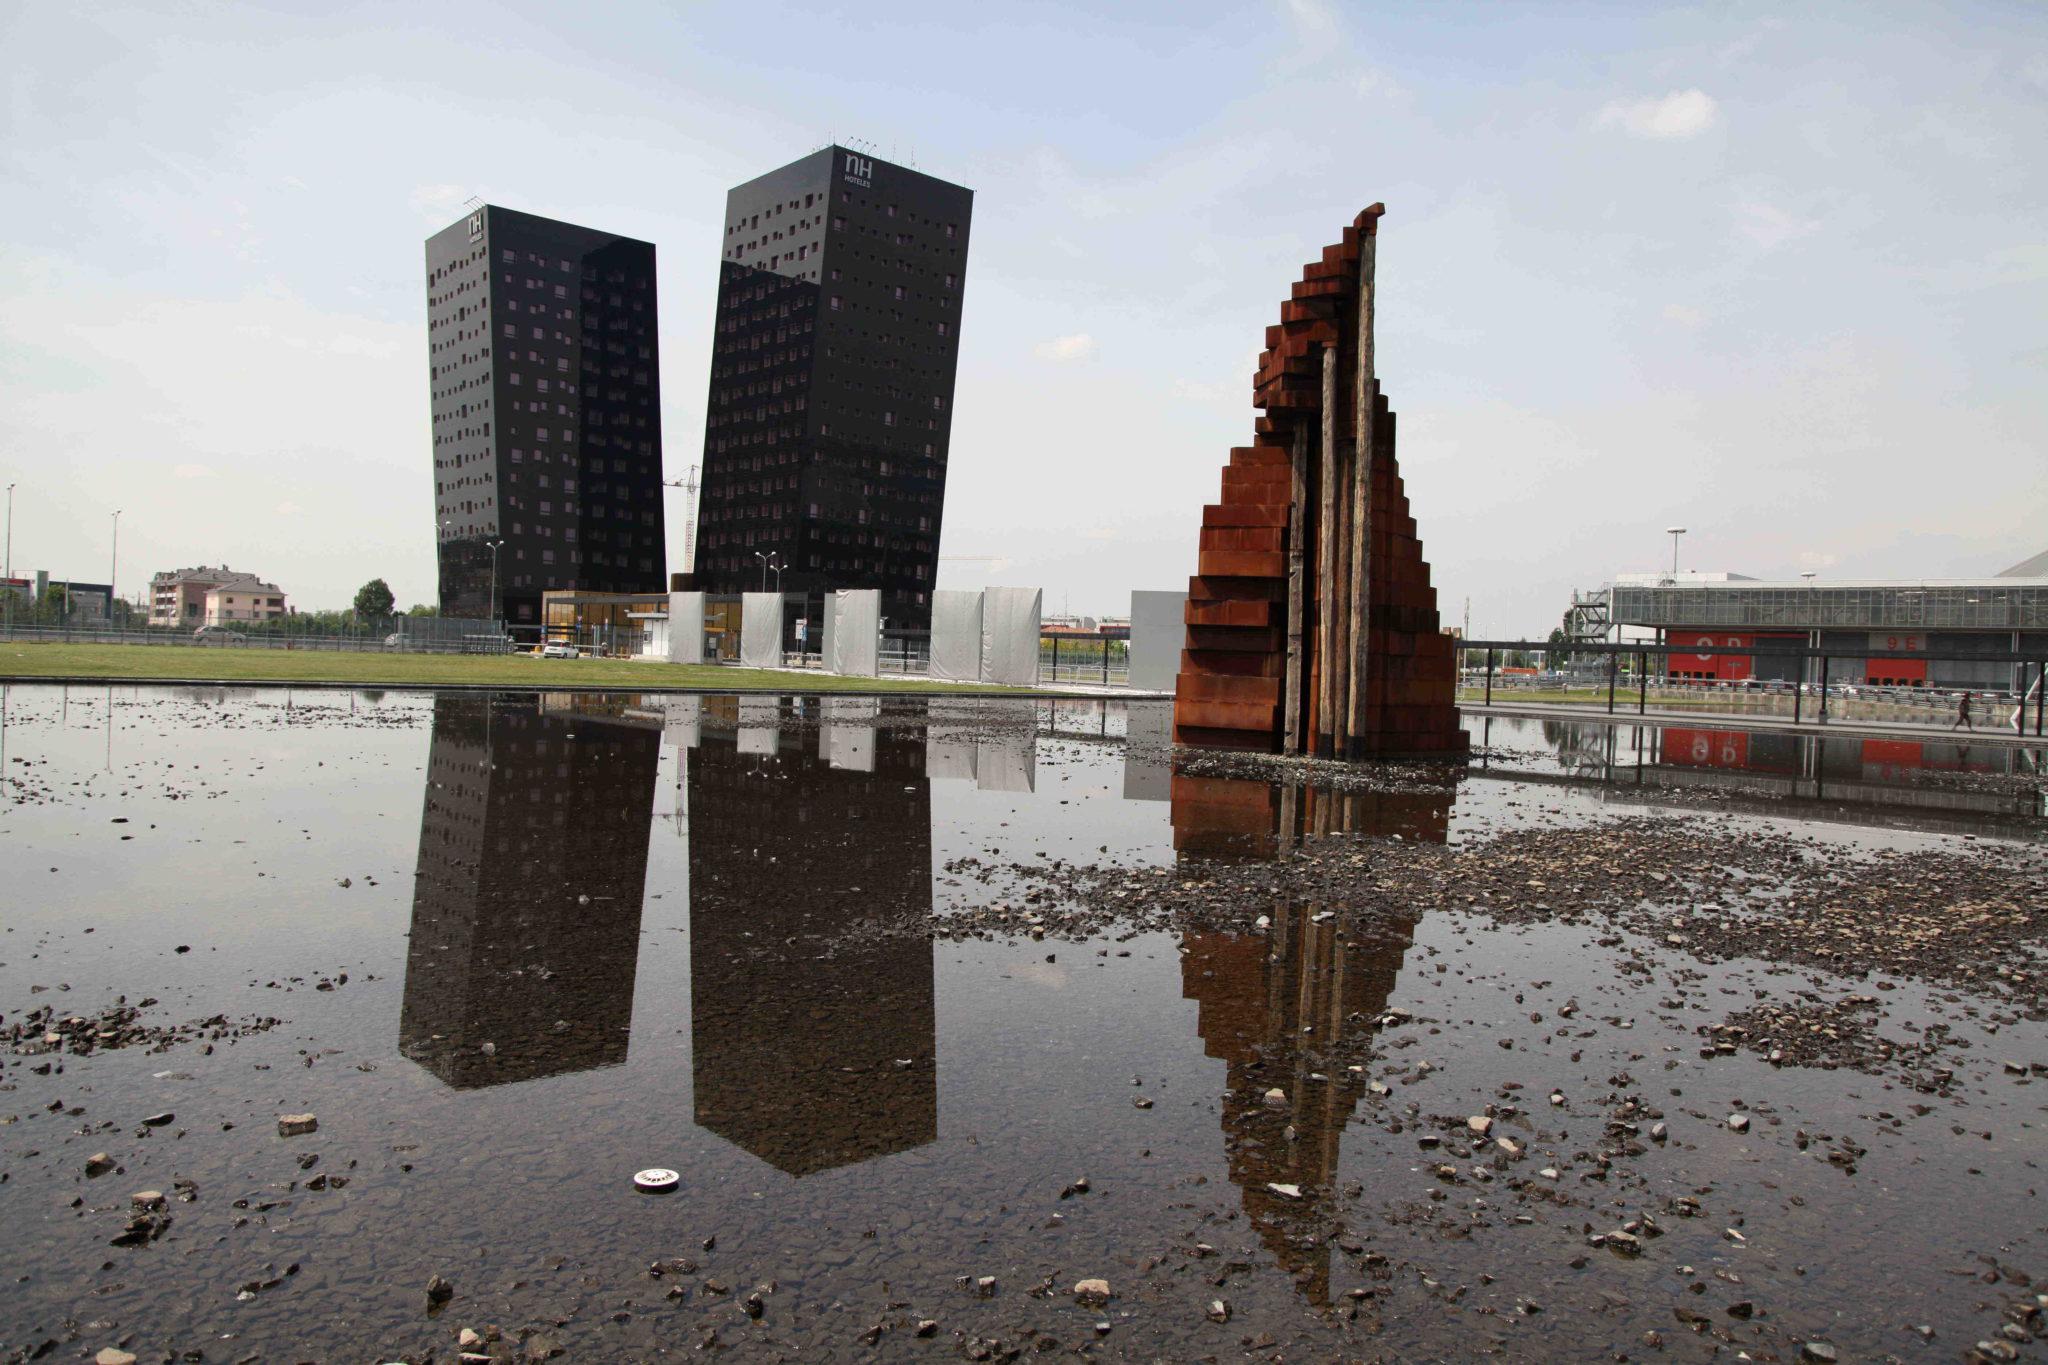 La nuova città che sale di Carlini presentata in Triennale